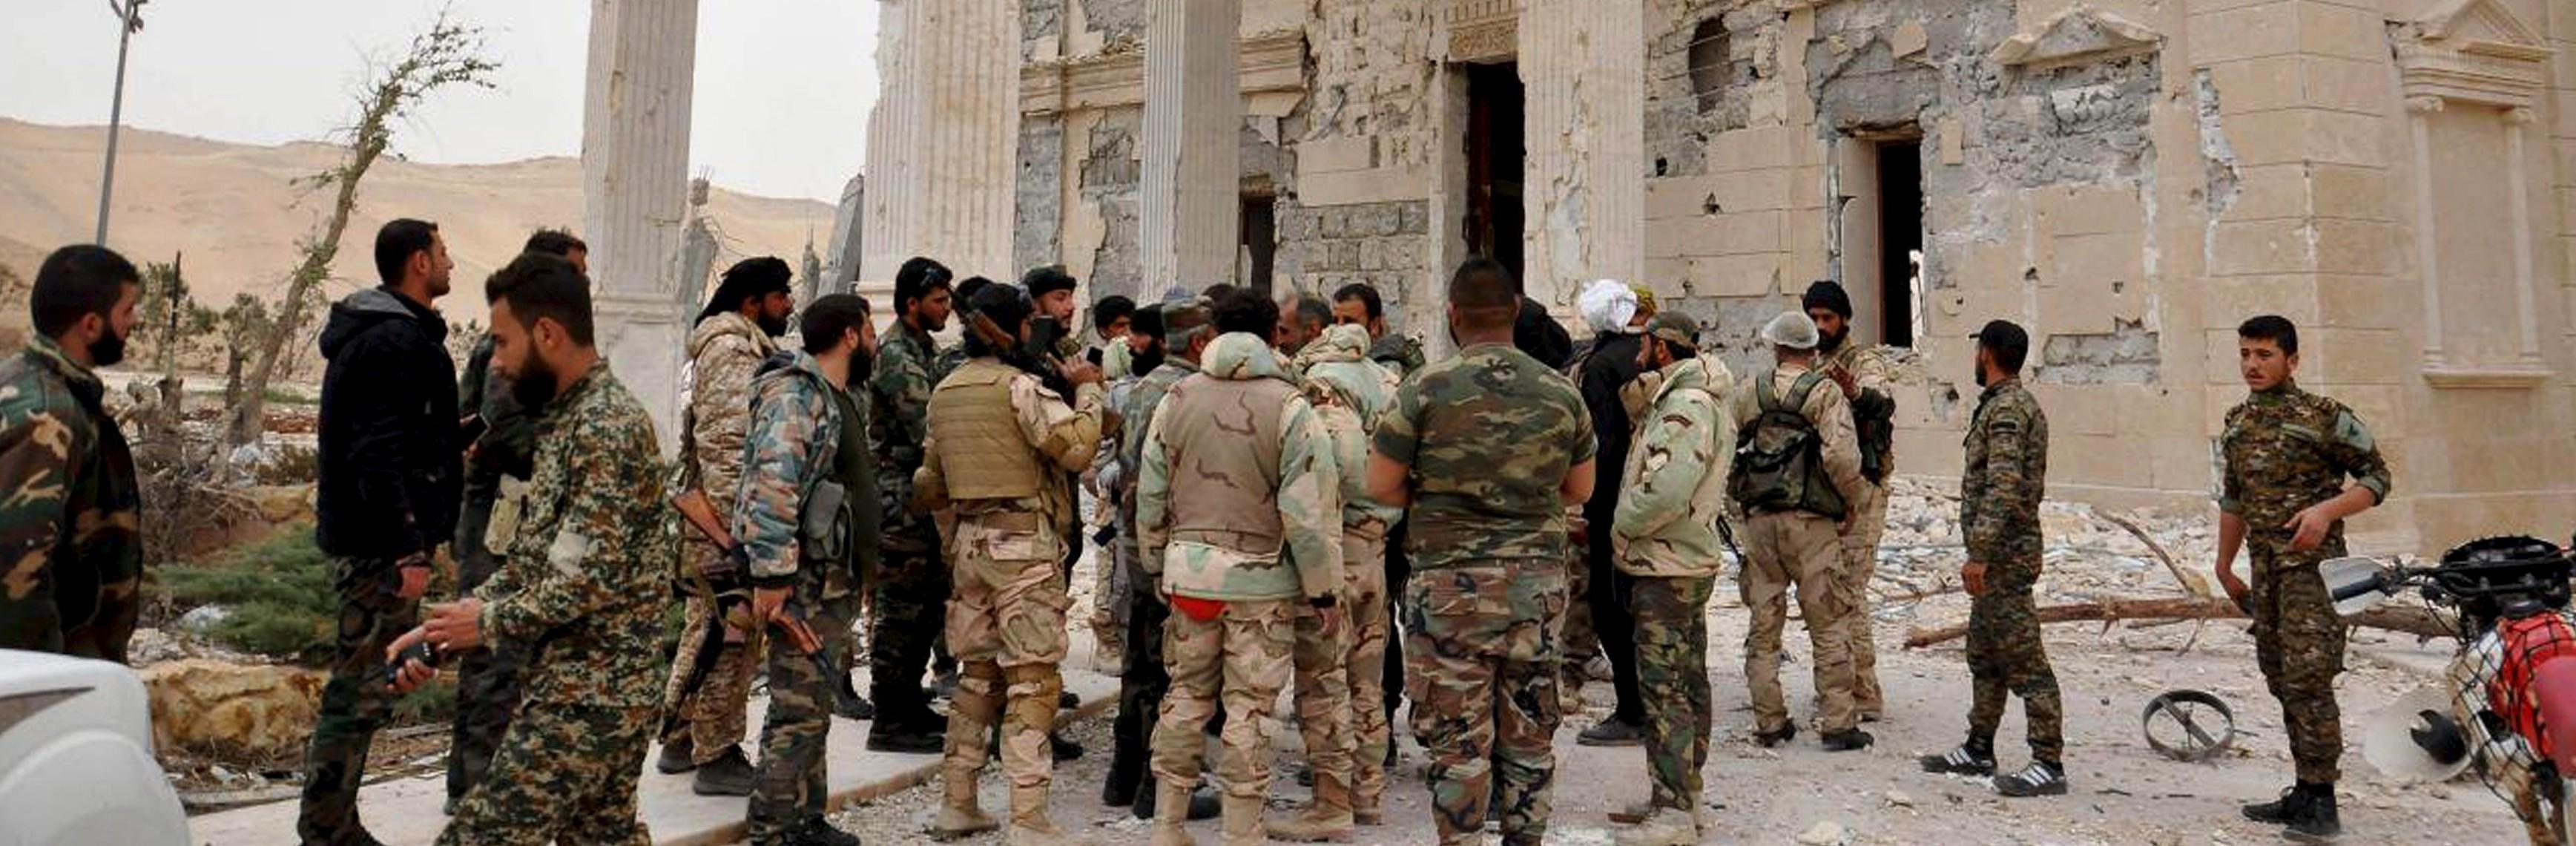 Imagen de los soldados del régimen en Palmira. Reuters